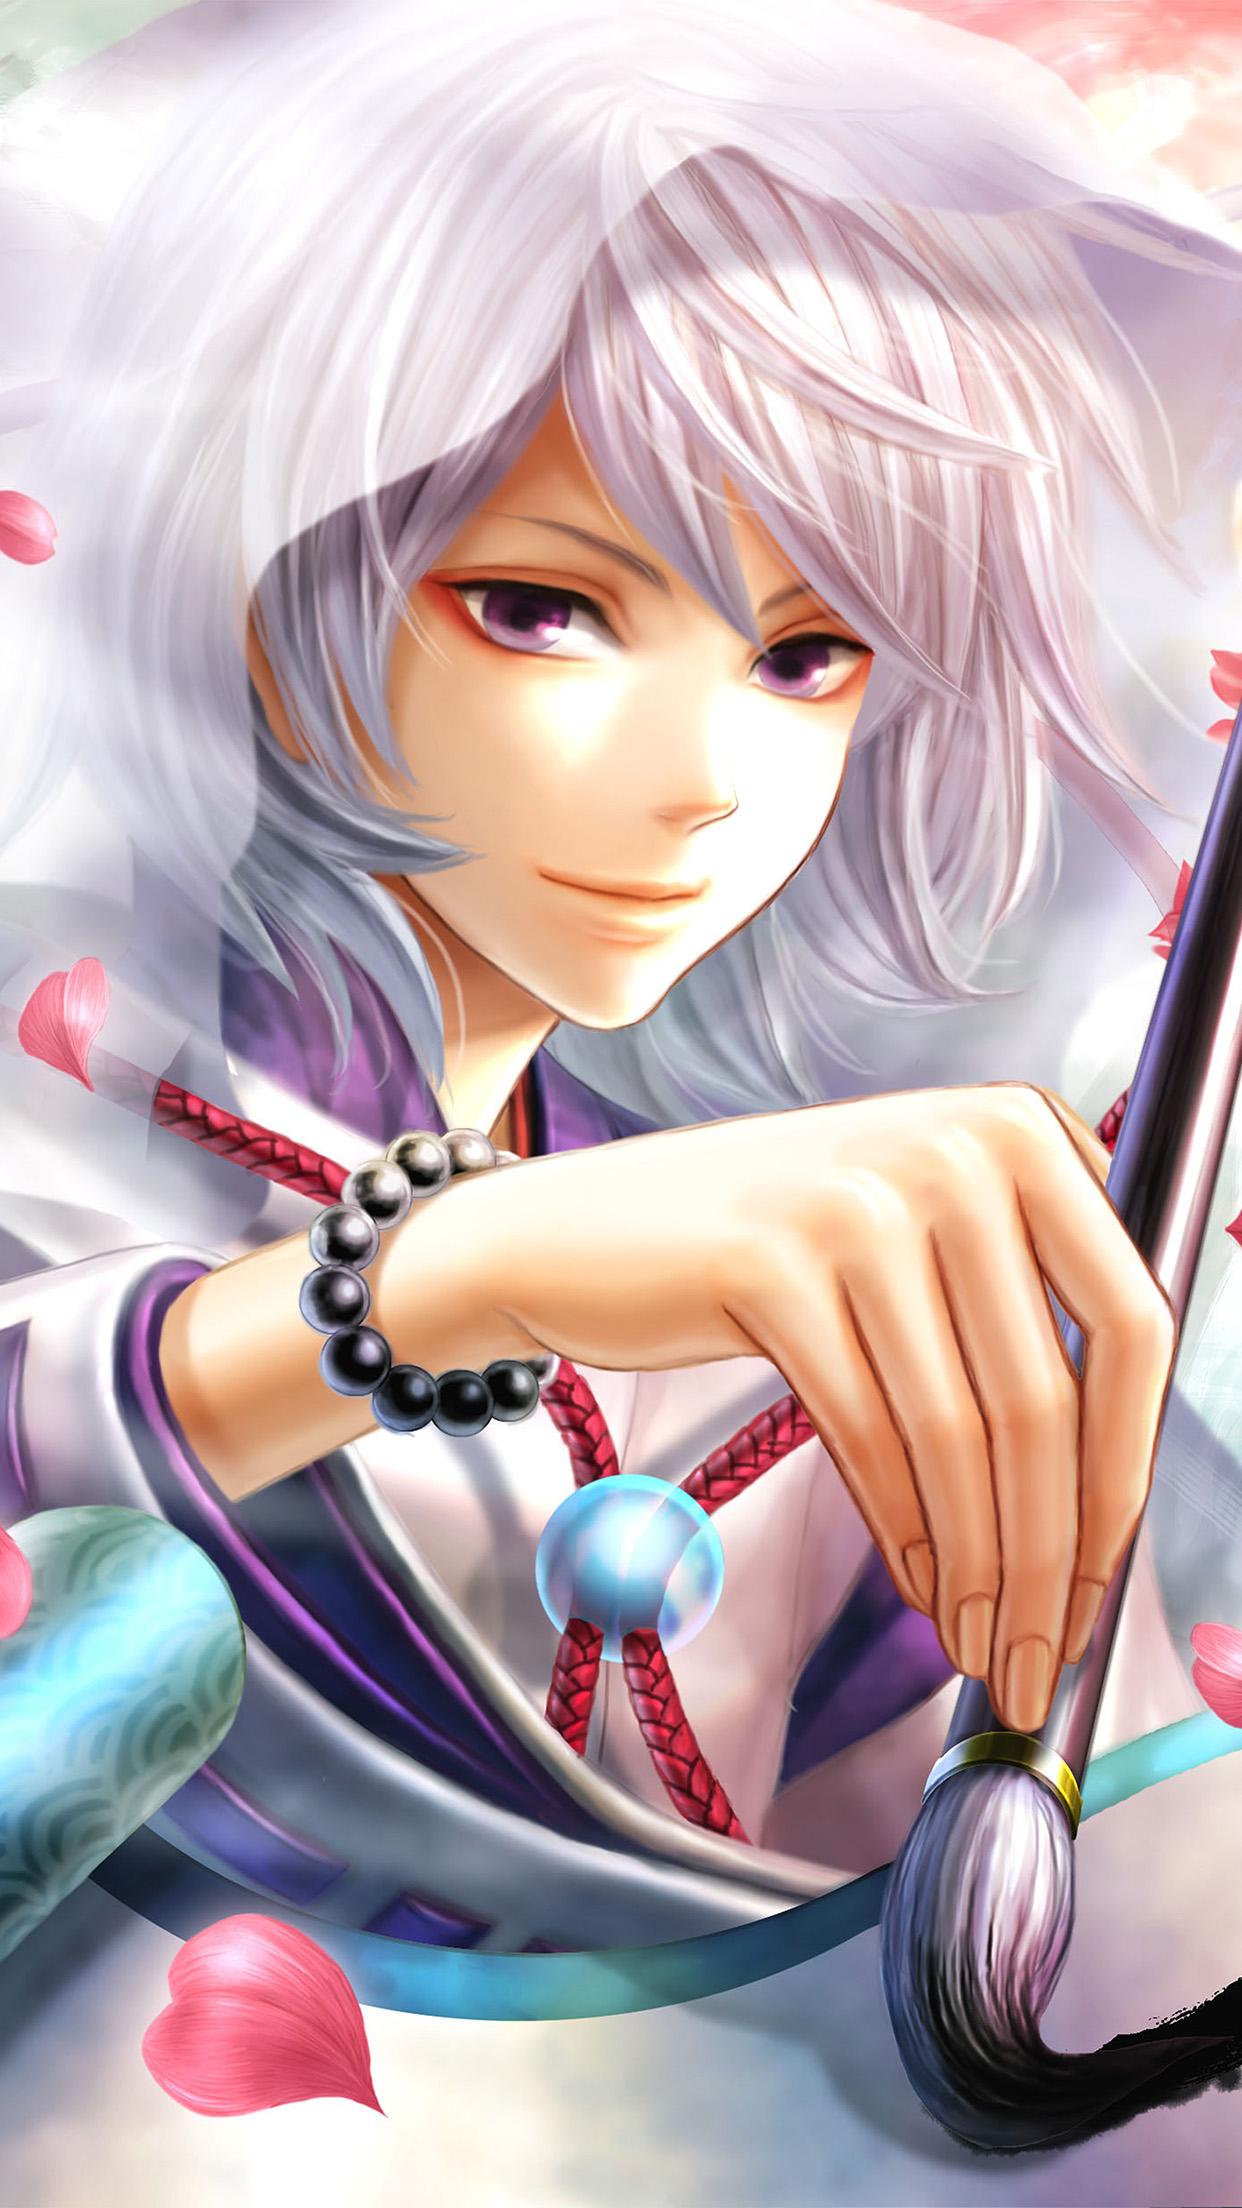 Ap79-anime-art-illustration-brush-wallpaper